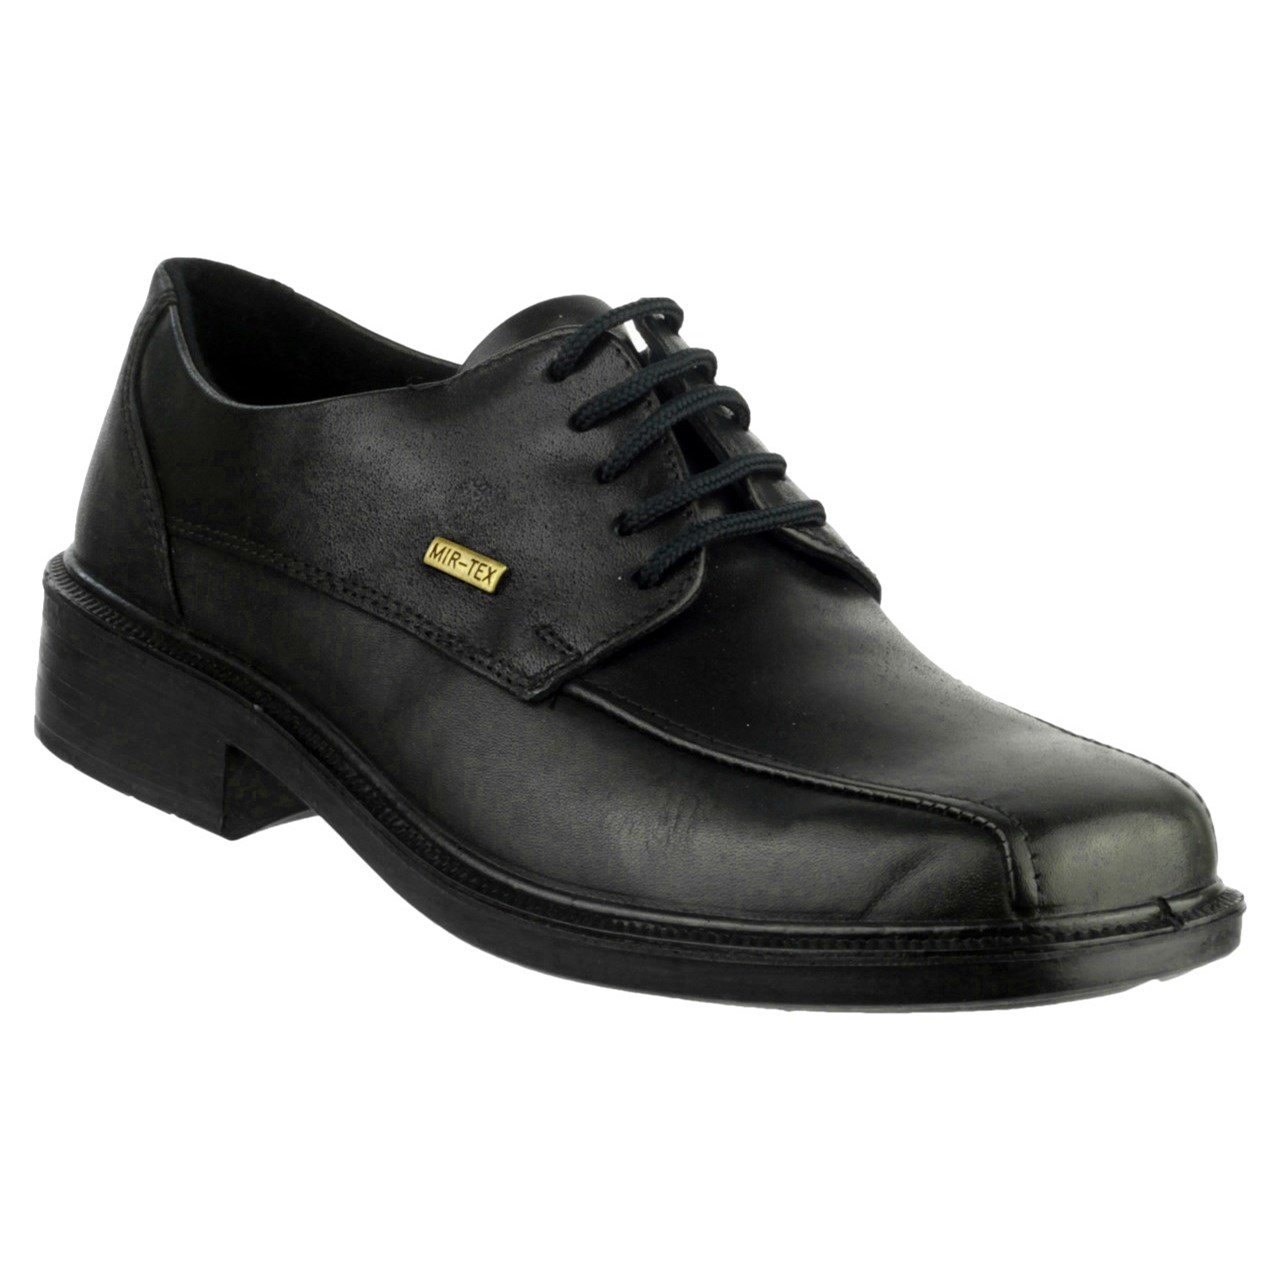 Cotswold Men's Stonehouse Waterproof Shoe Various Colours 32971 - Black 9